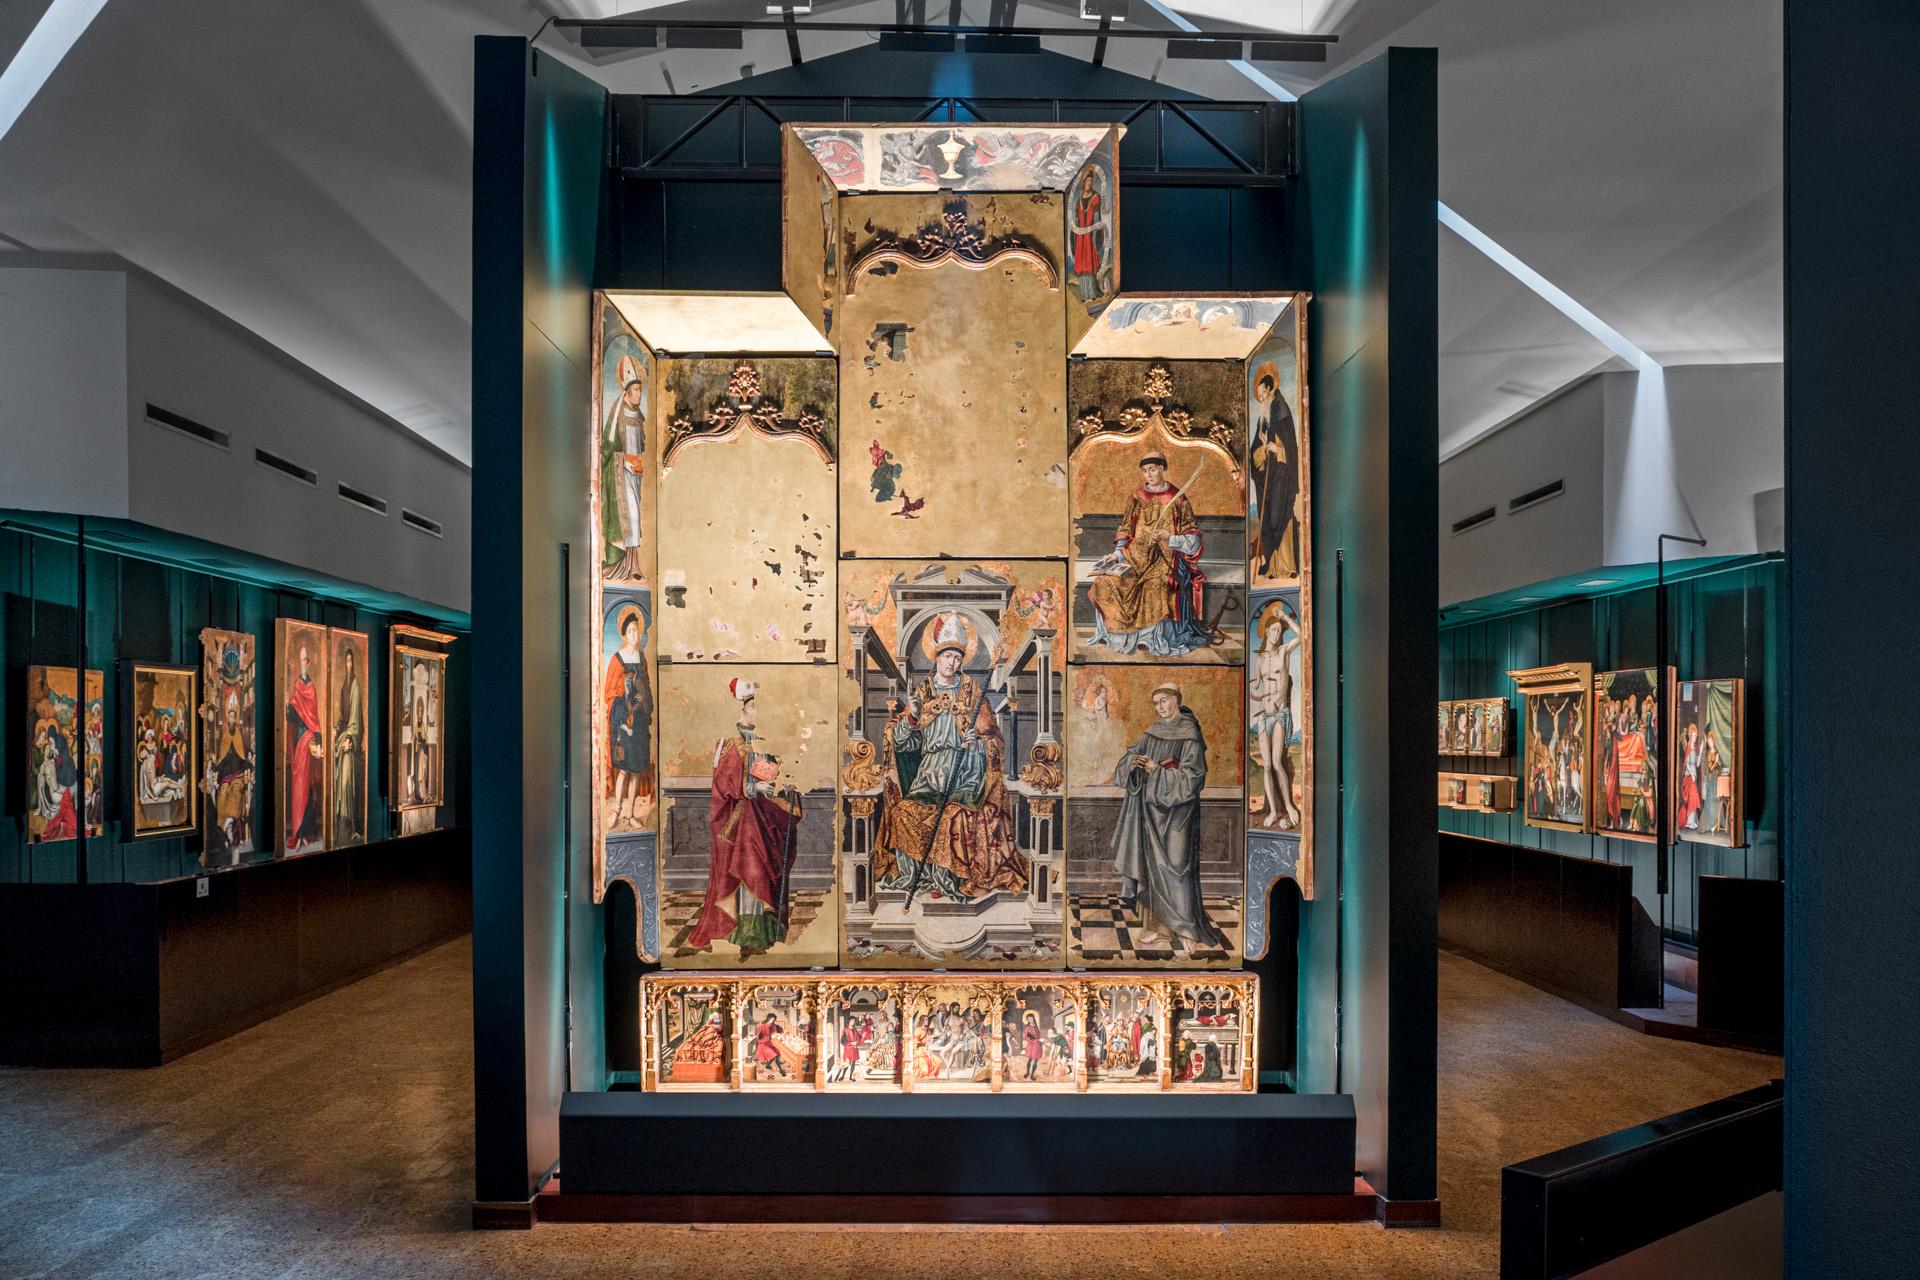 fotografia intervento di lighting design area retabli Pinacoteca Nazionale Cagliari